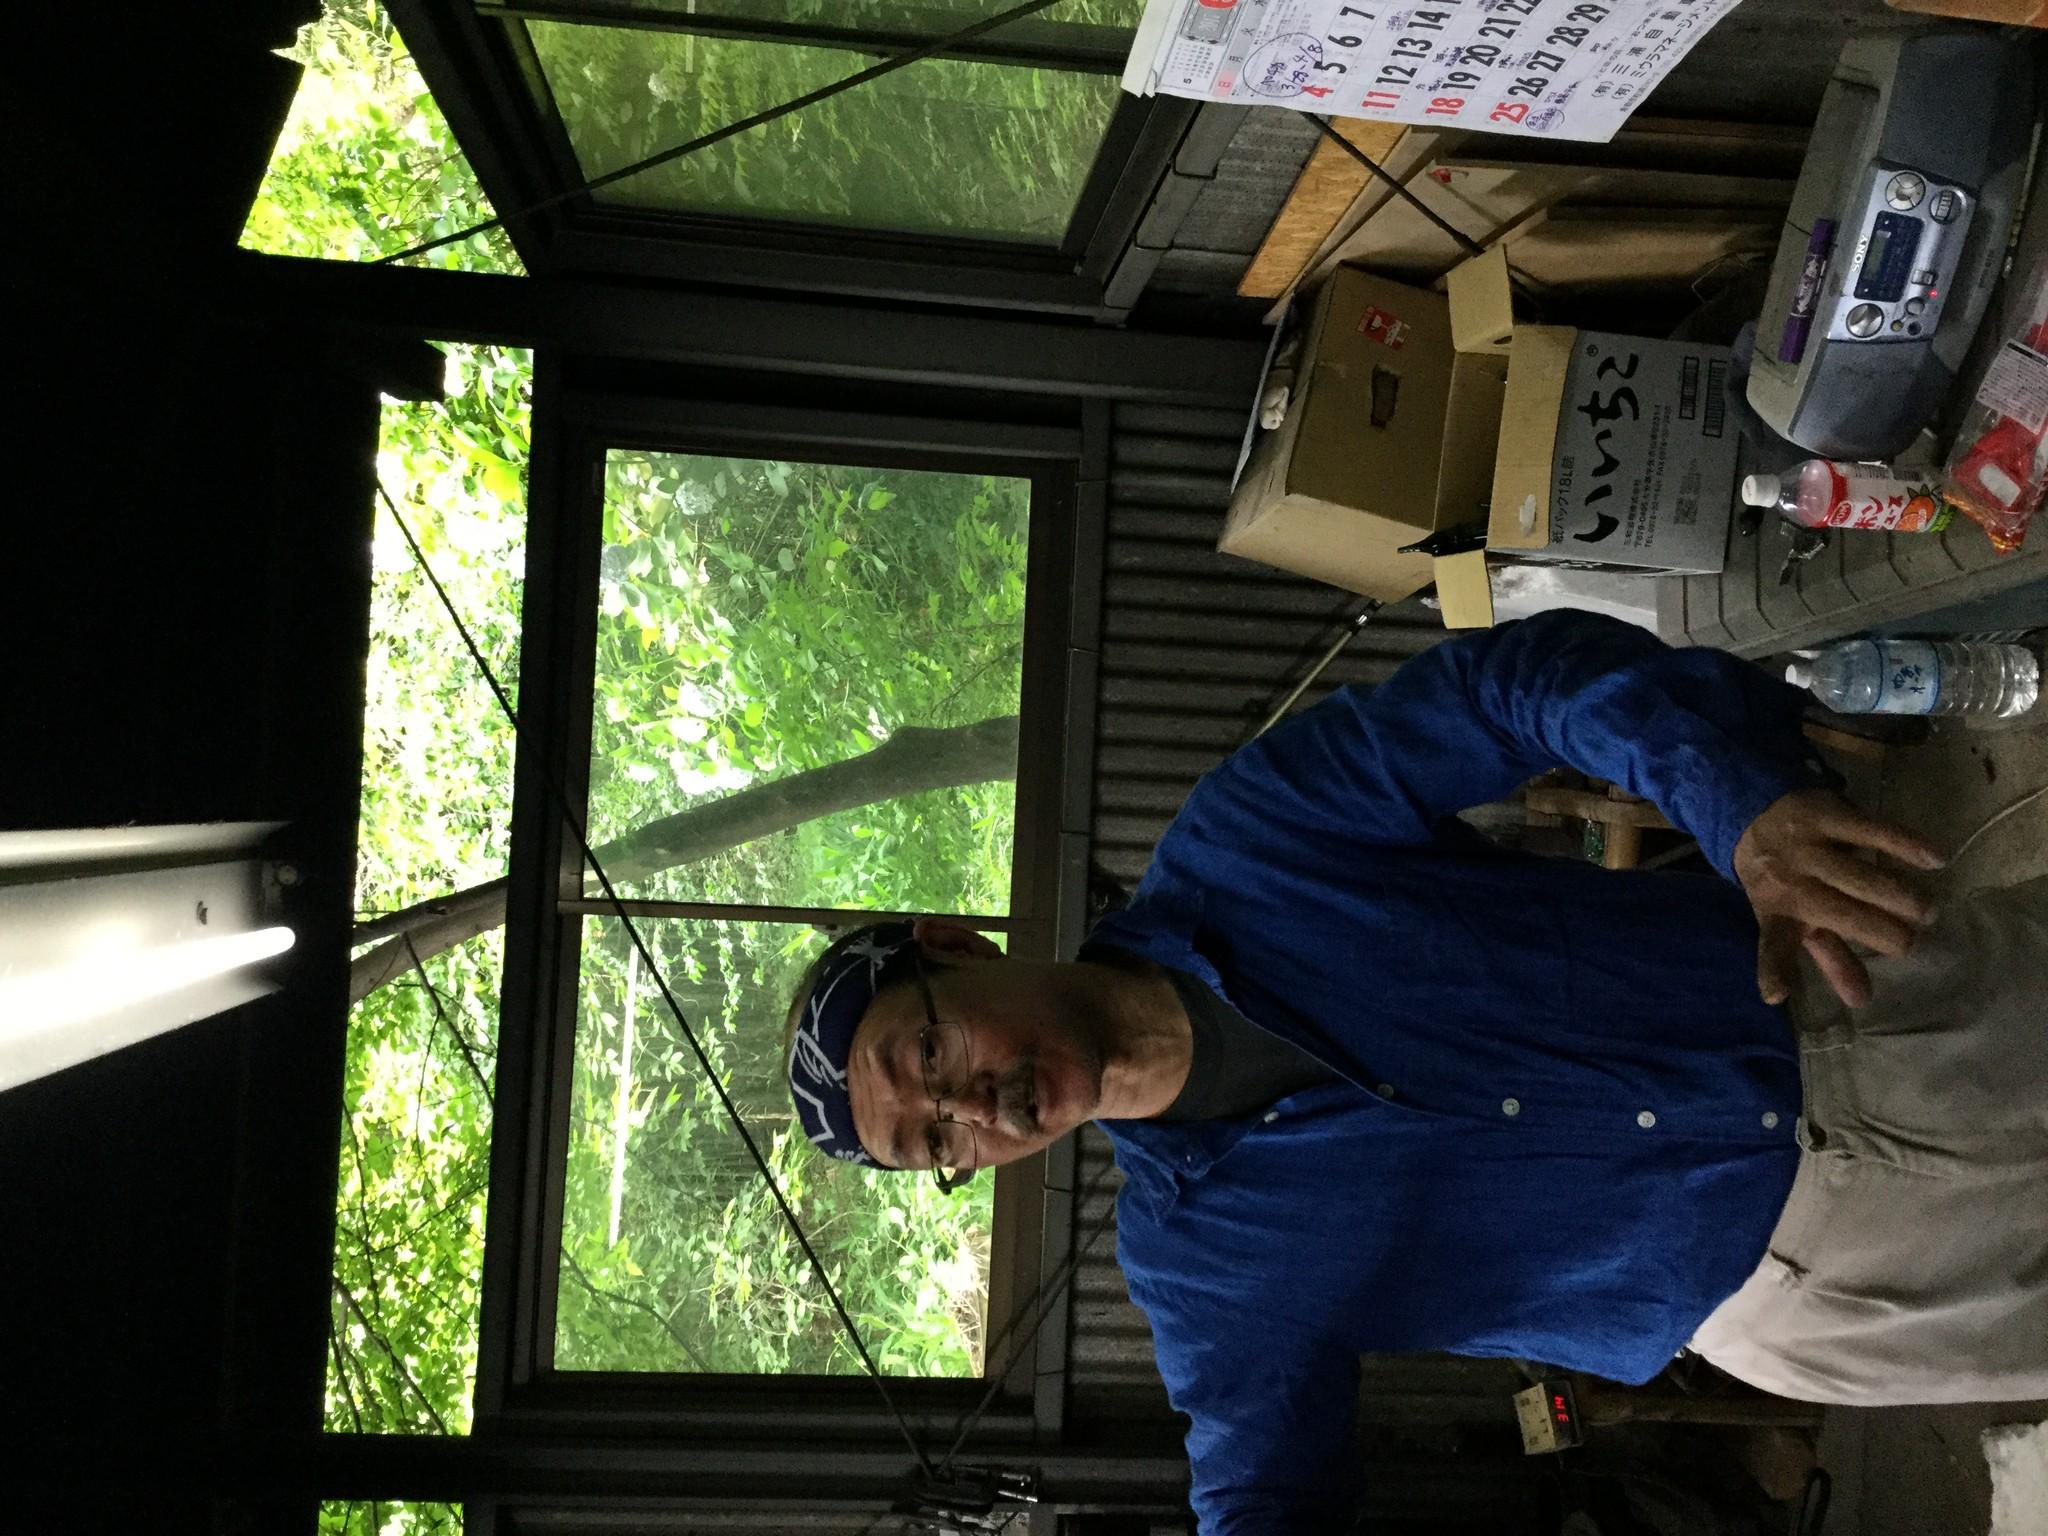 【倉敷ガラス】小谷栄次さんの暮らしの器展    3月28日(水)からです。